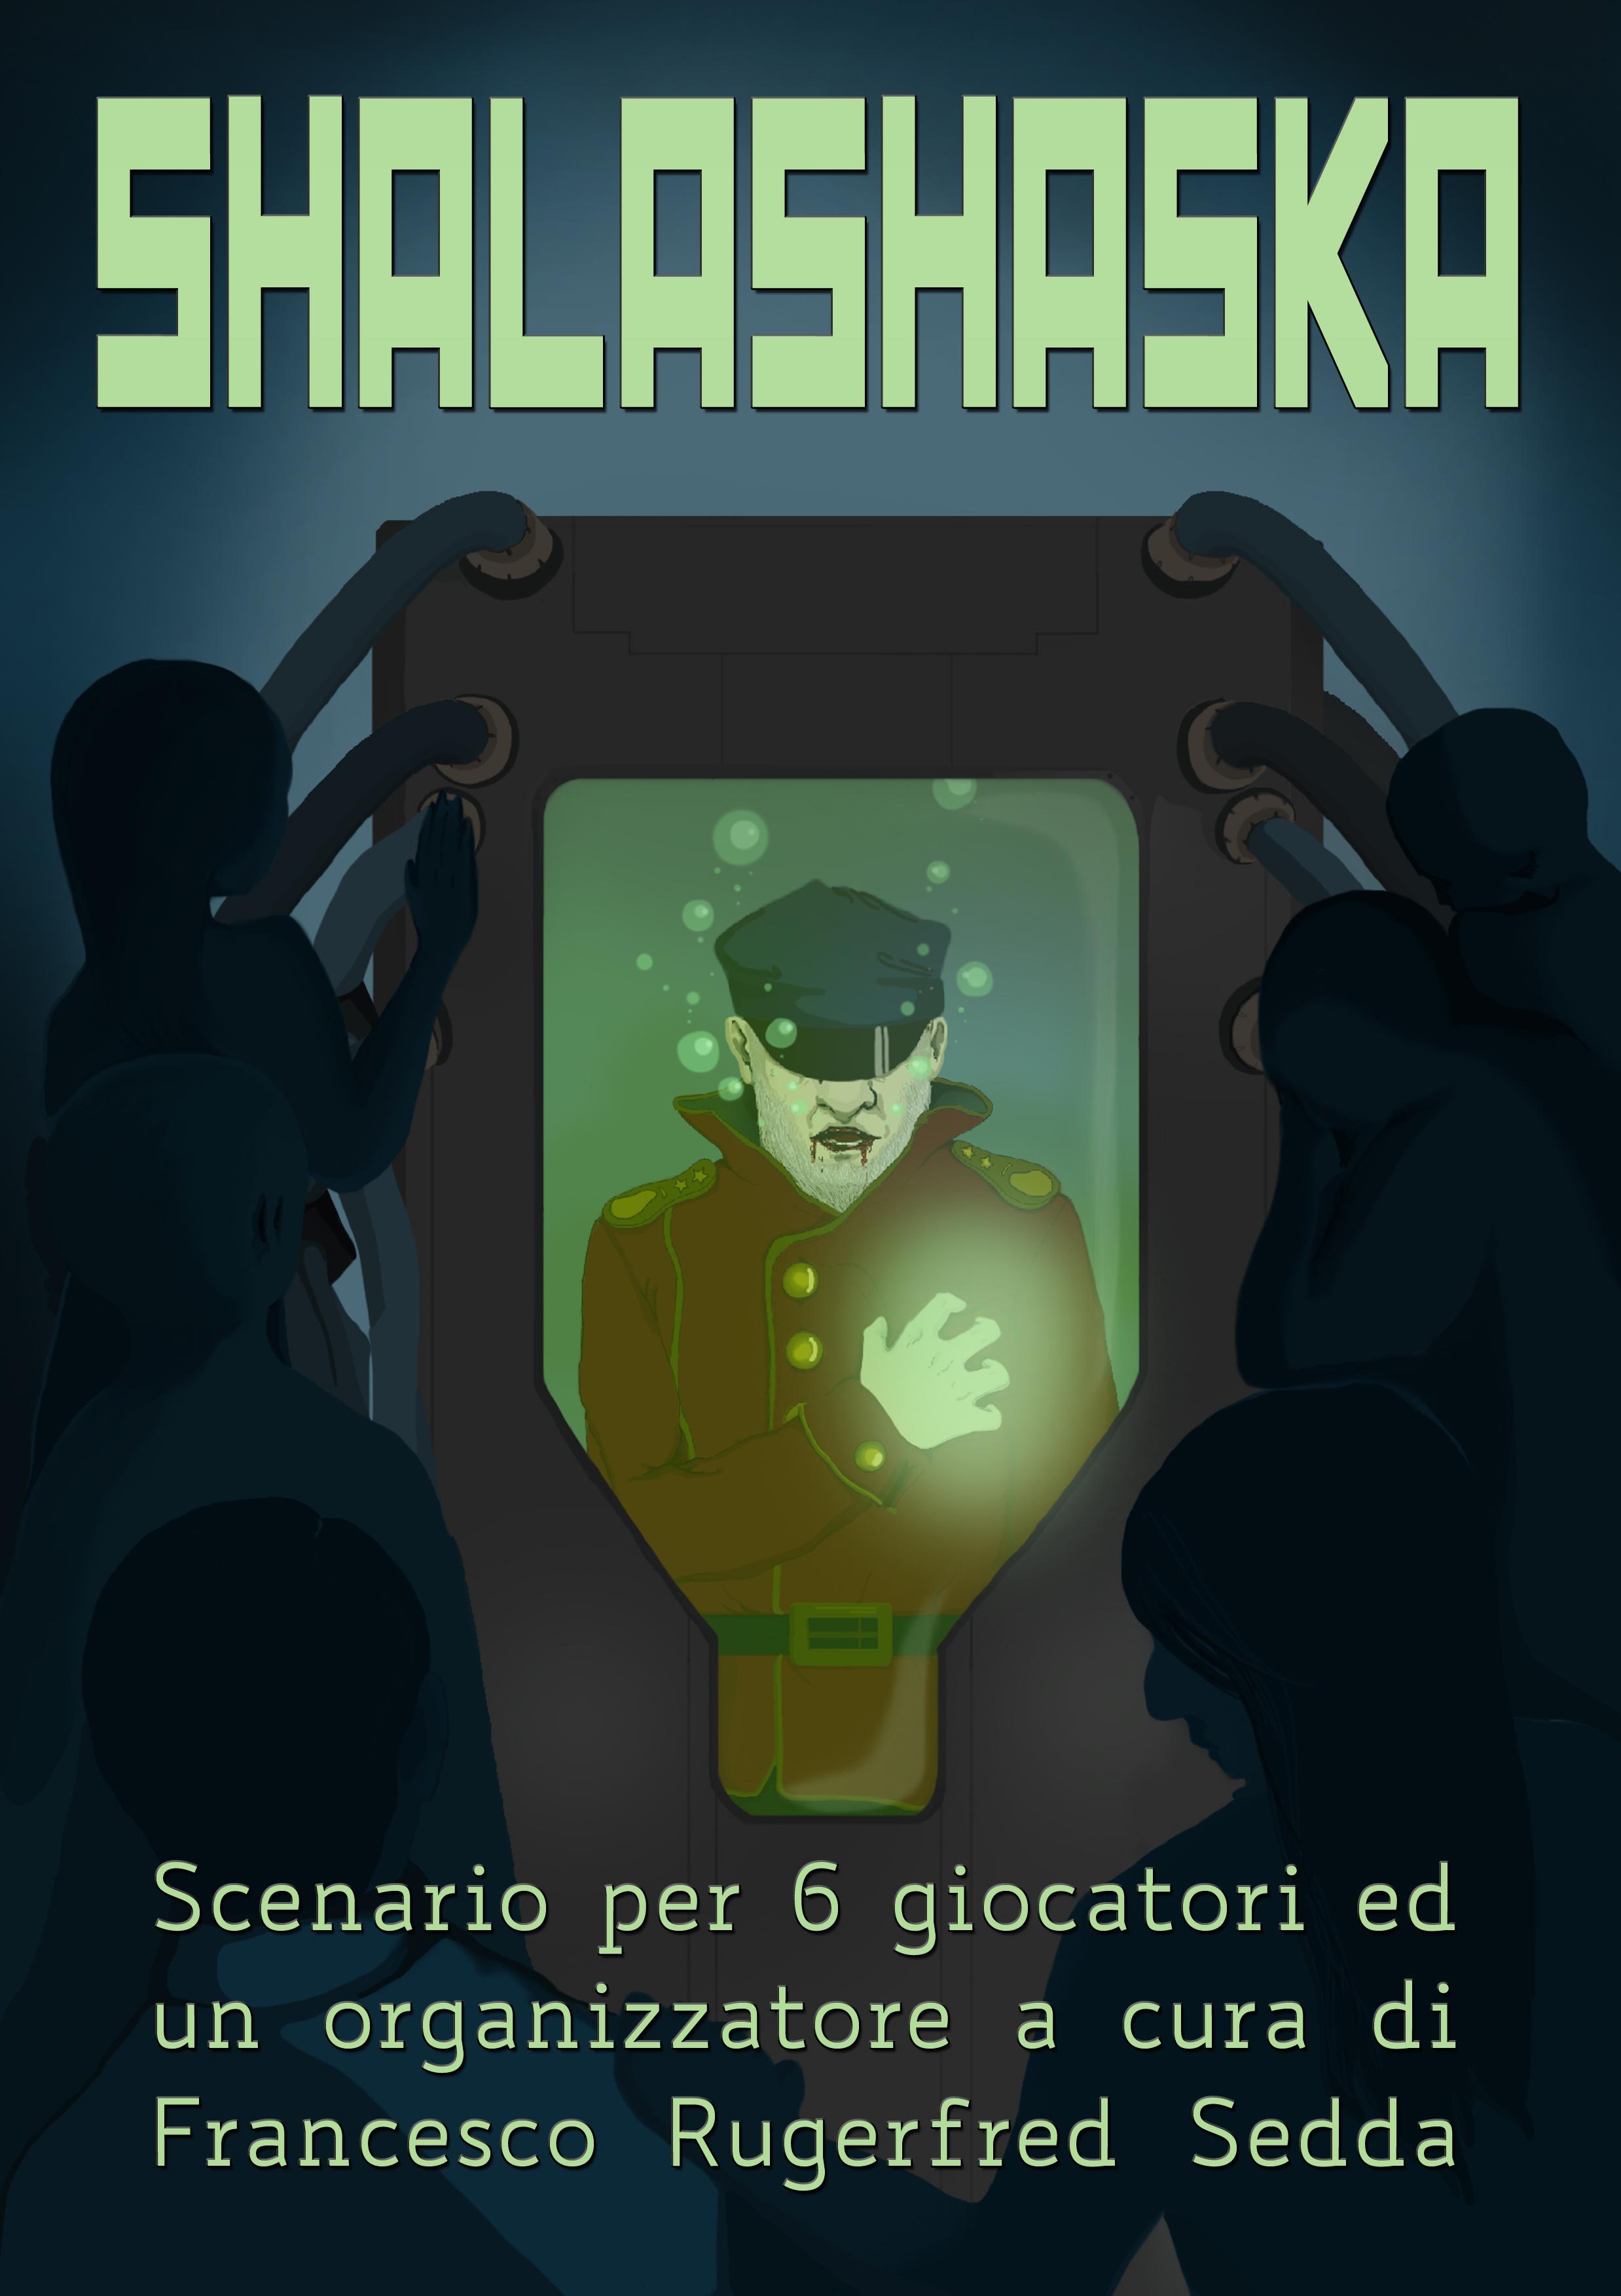 Shalashaska